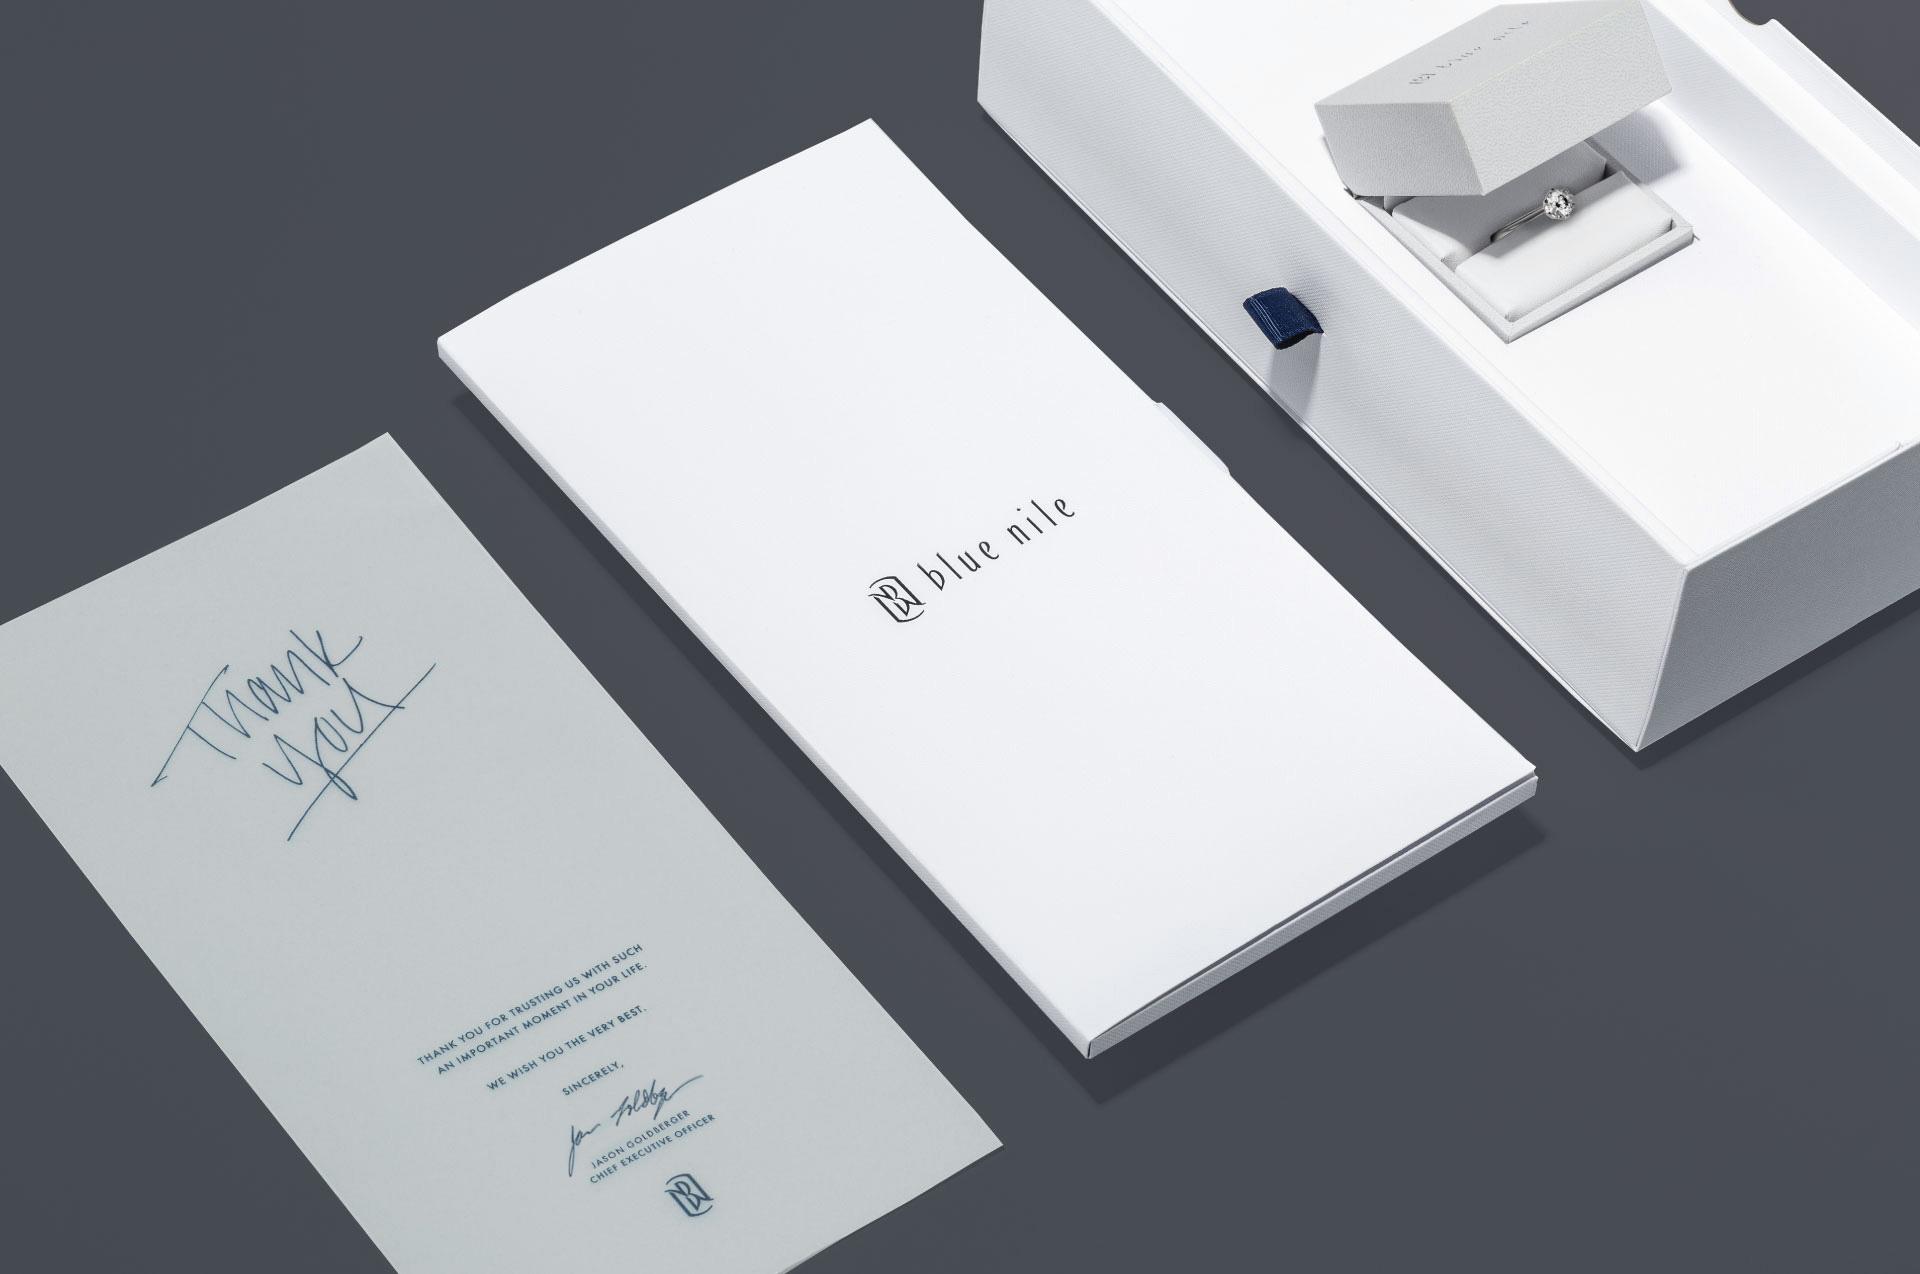 CRP_packaging_BlueNile_01.jpg